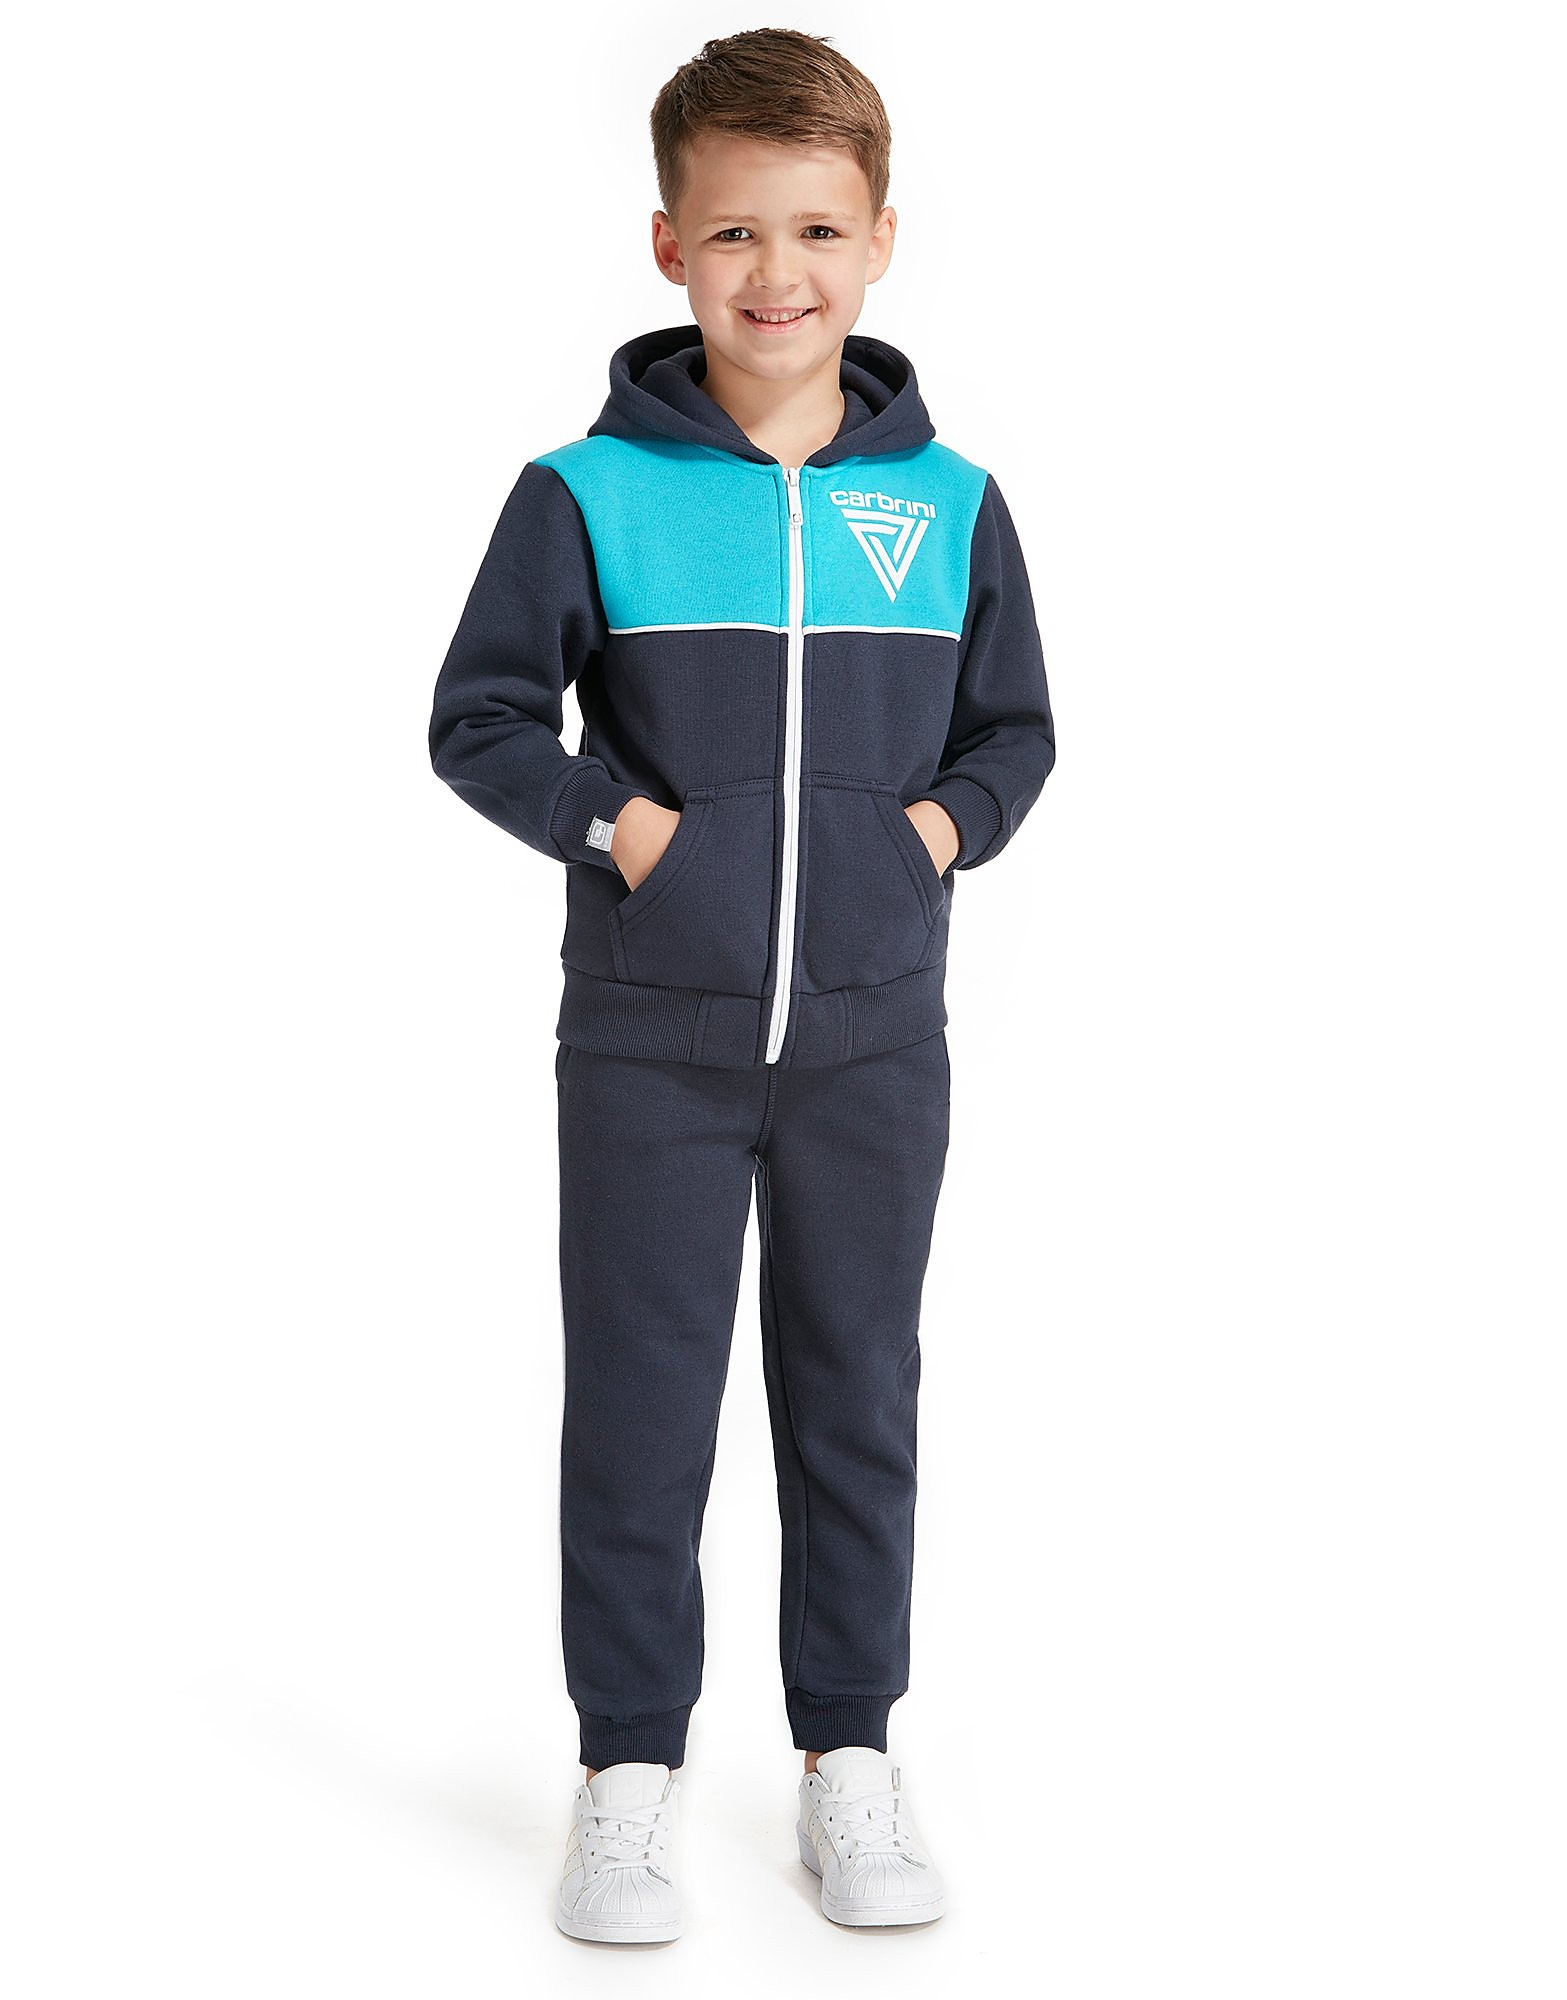 Carbrini Alphabet Suit Children